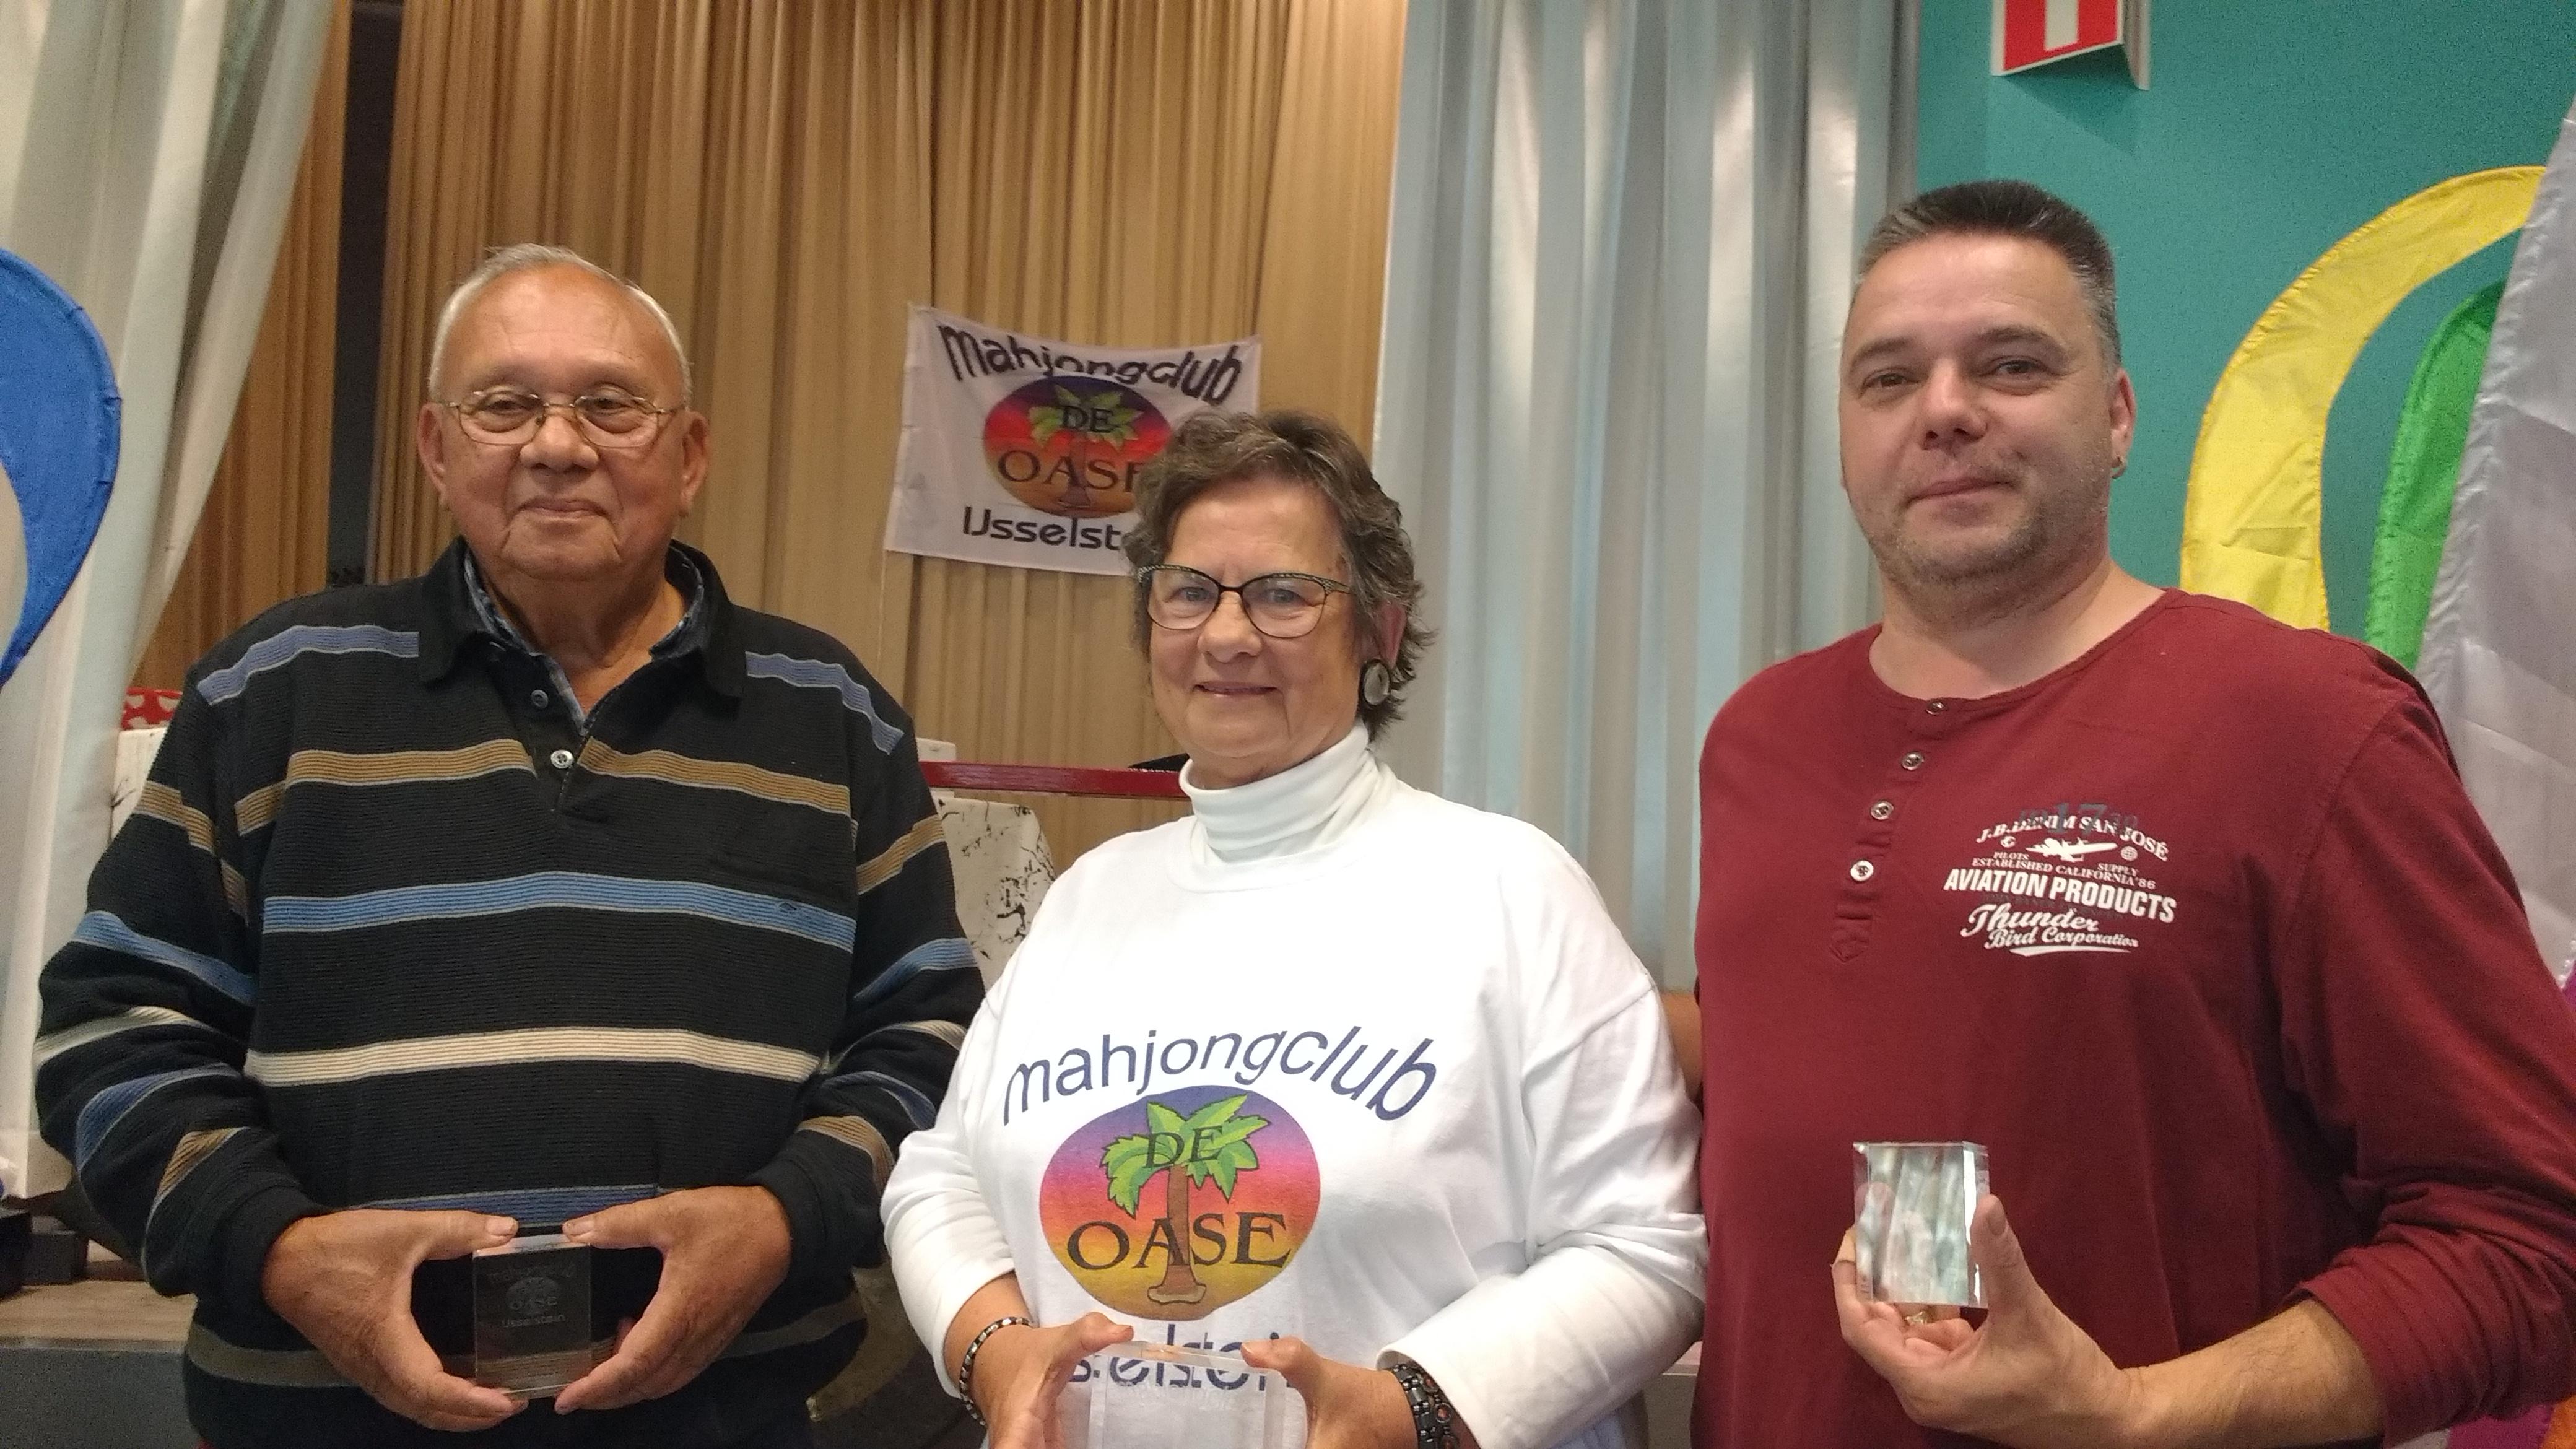 vlnr: Bert van Essen (2e) - Janet Vlug (winnaar en Nederlands Kampioen) - Peter Welters (3e)